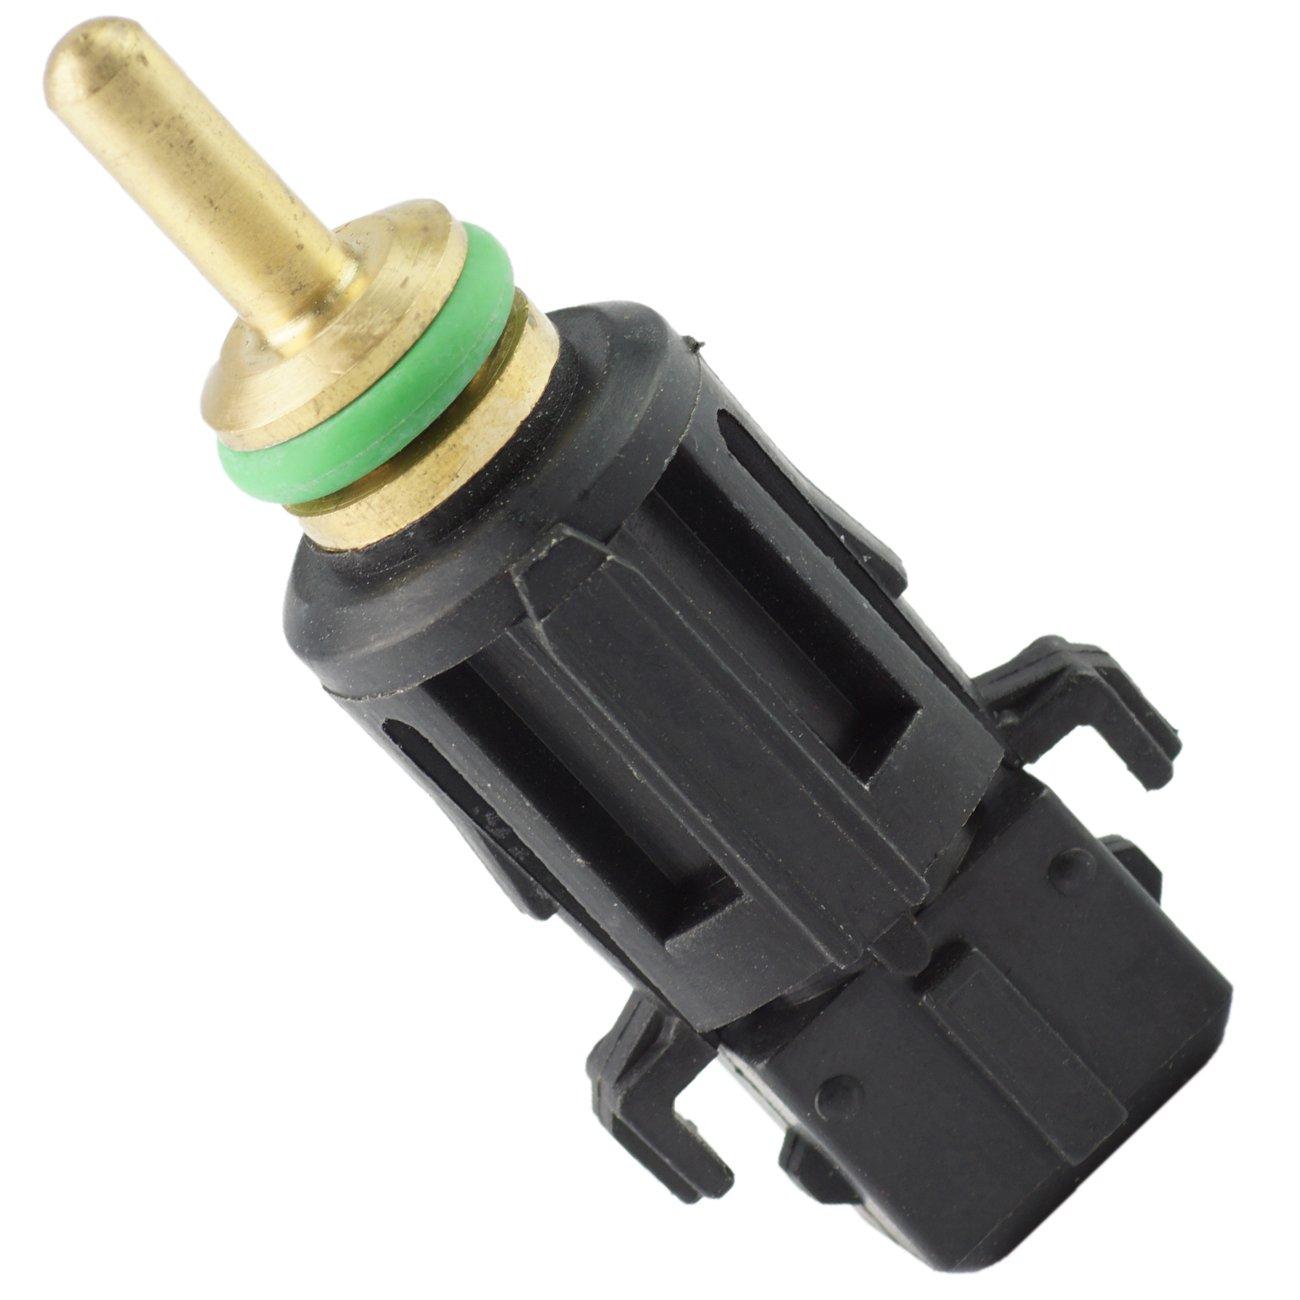 Bapmic 13621433077 Coolant Temperature Sensor Switch in Lower Radiator Hose for BMW E46 E90 E39 E60 E38 X3 X5 X6 Z4